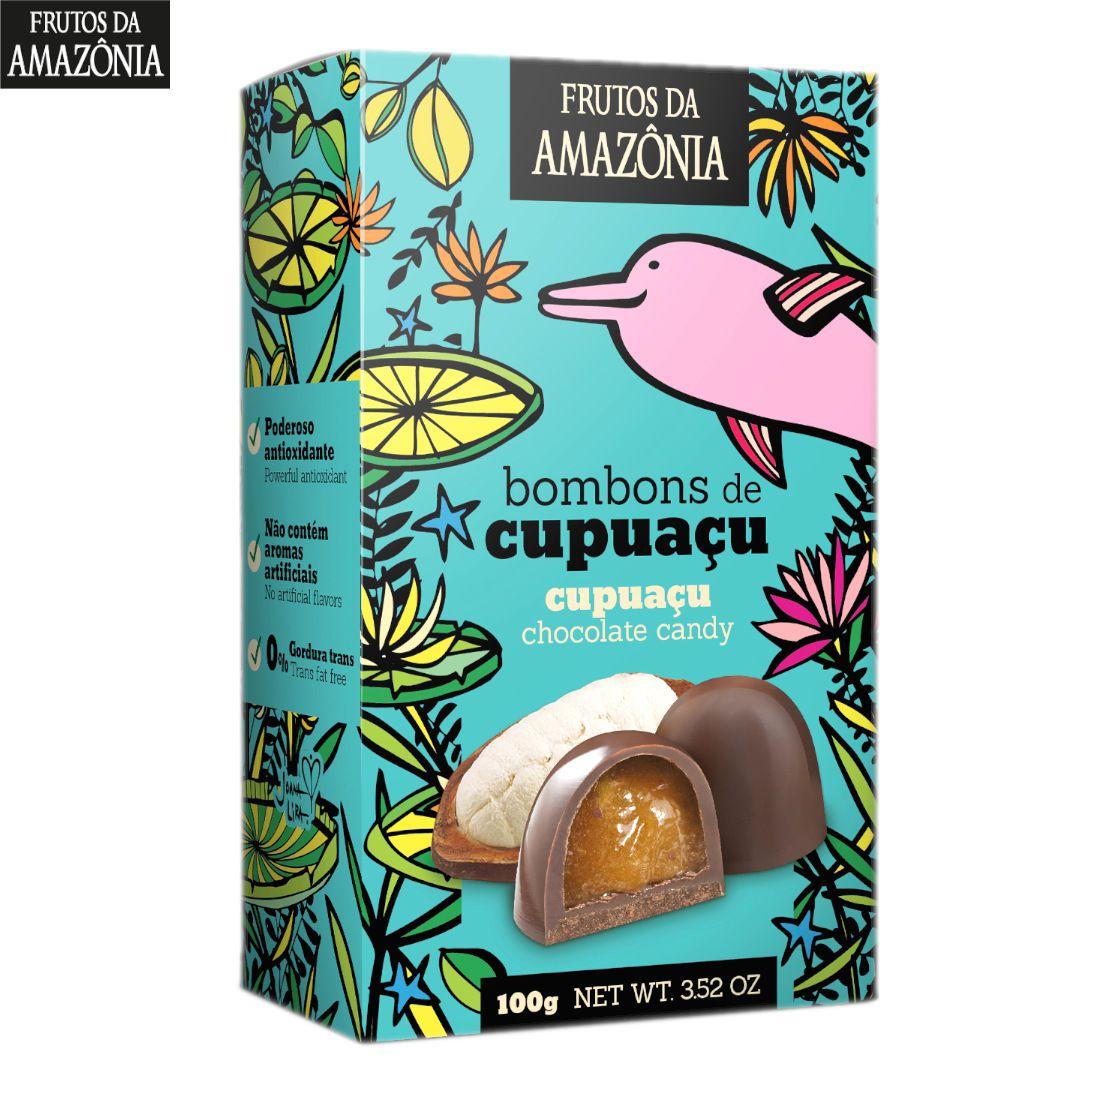 Caixa c/ Bombons de Cupuaçu